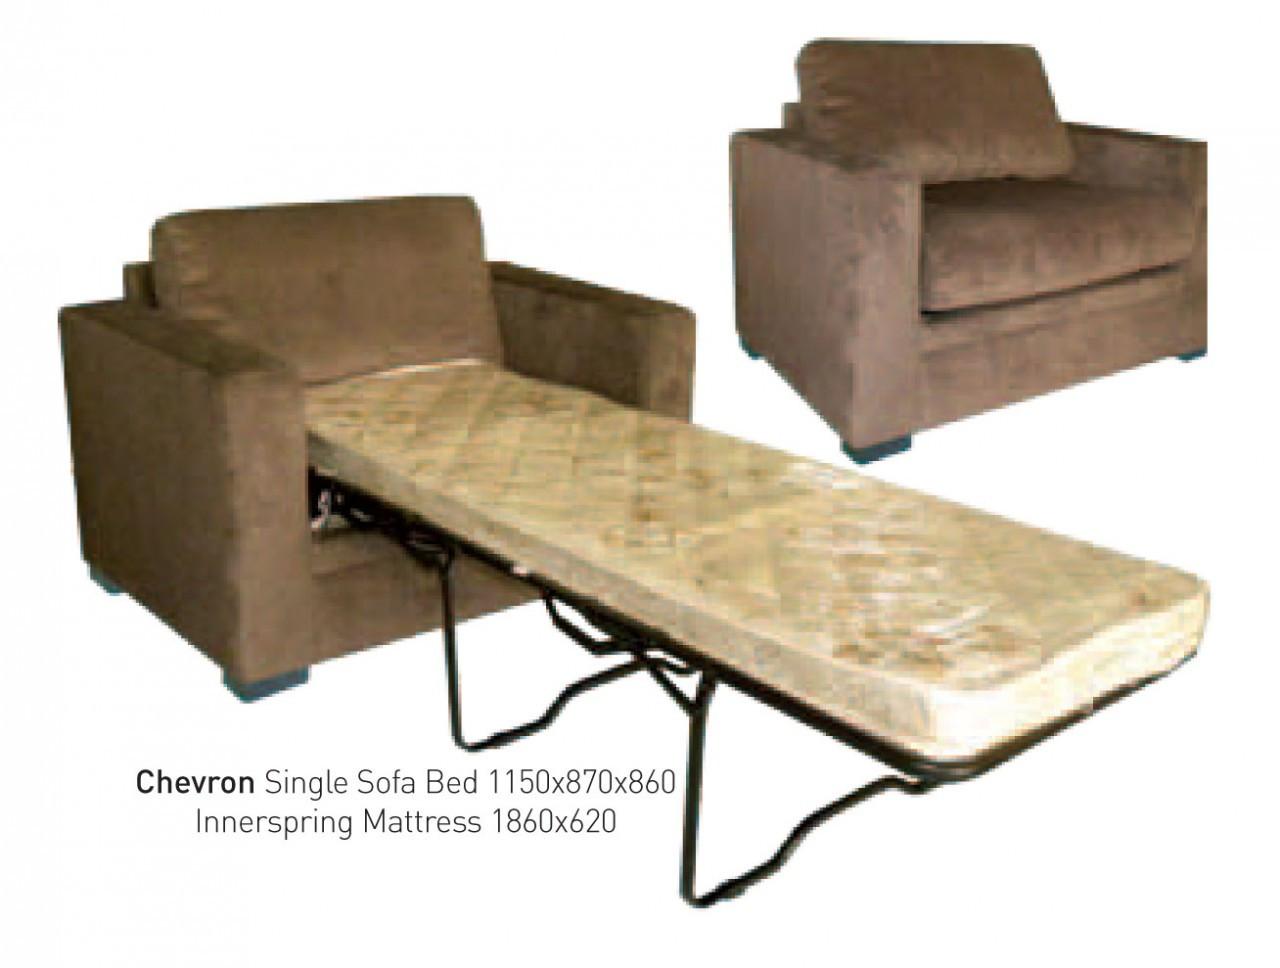 Space Saving Bunk Bed Chevron Newton Loose Back Single Sofa Bed Shona